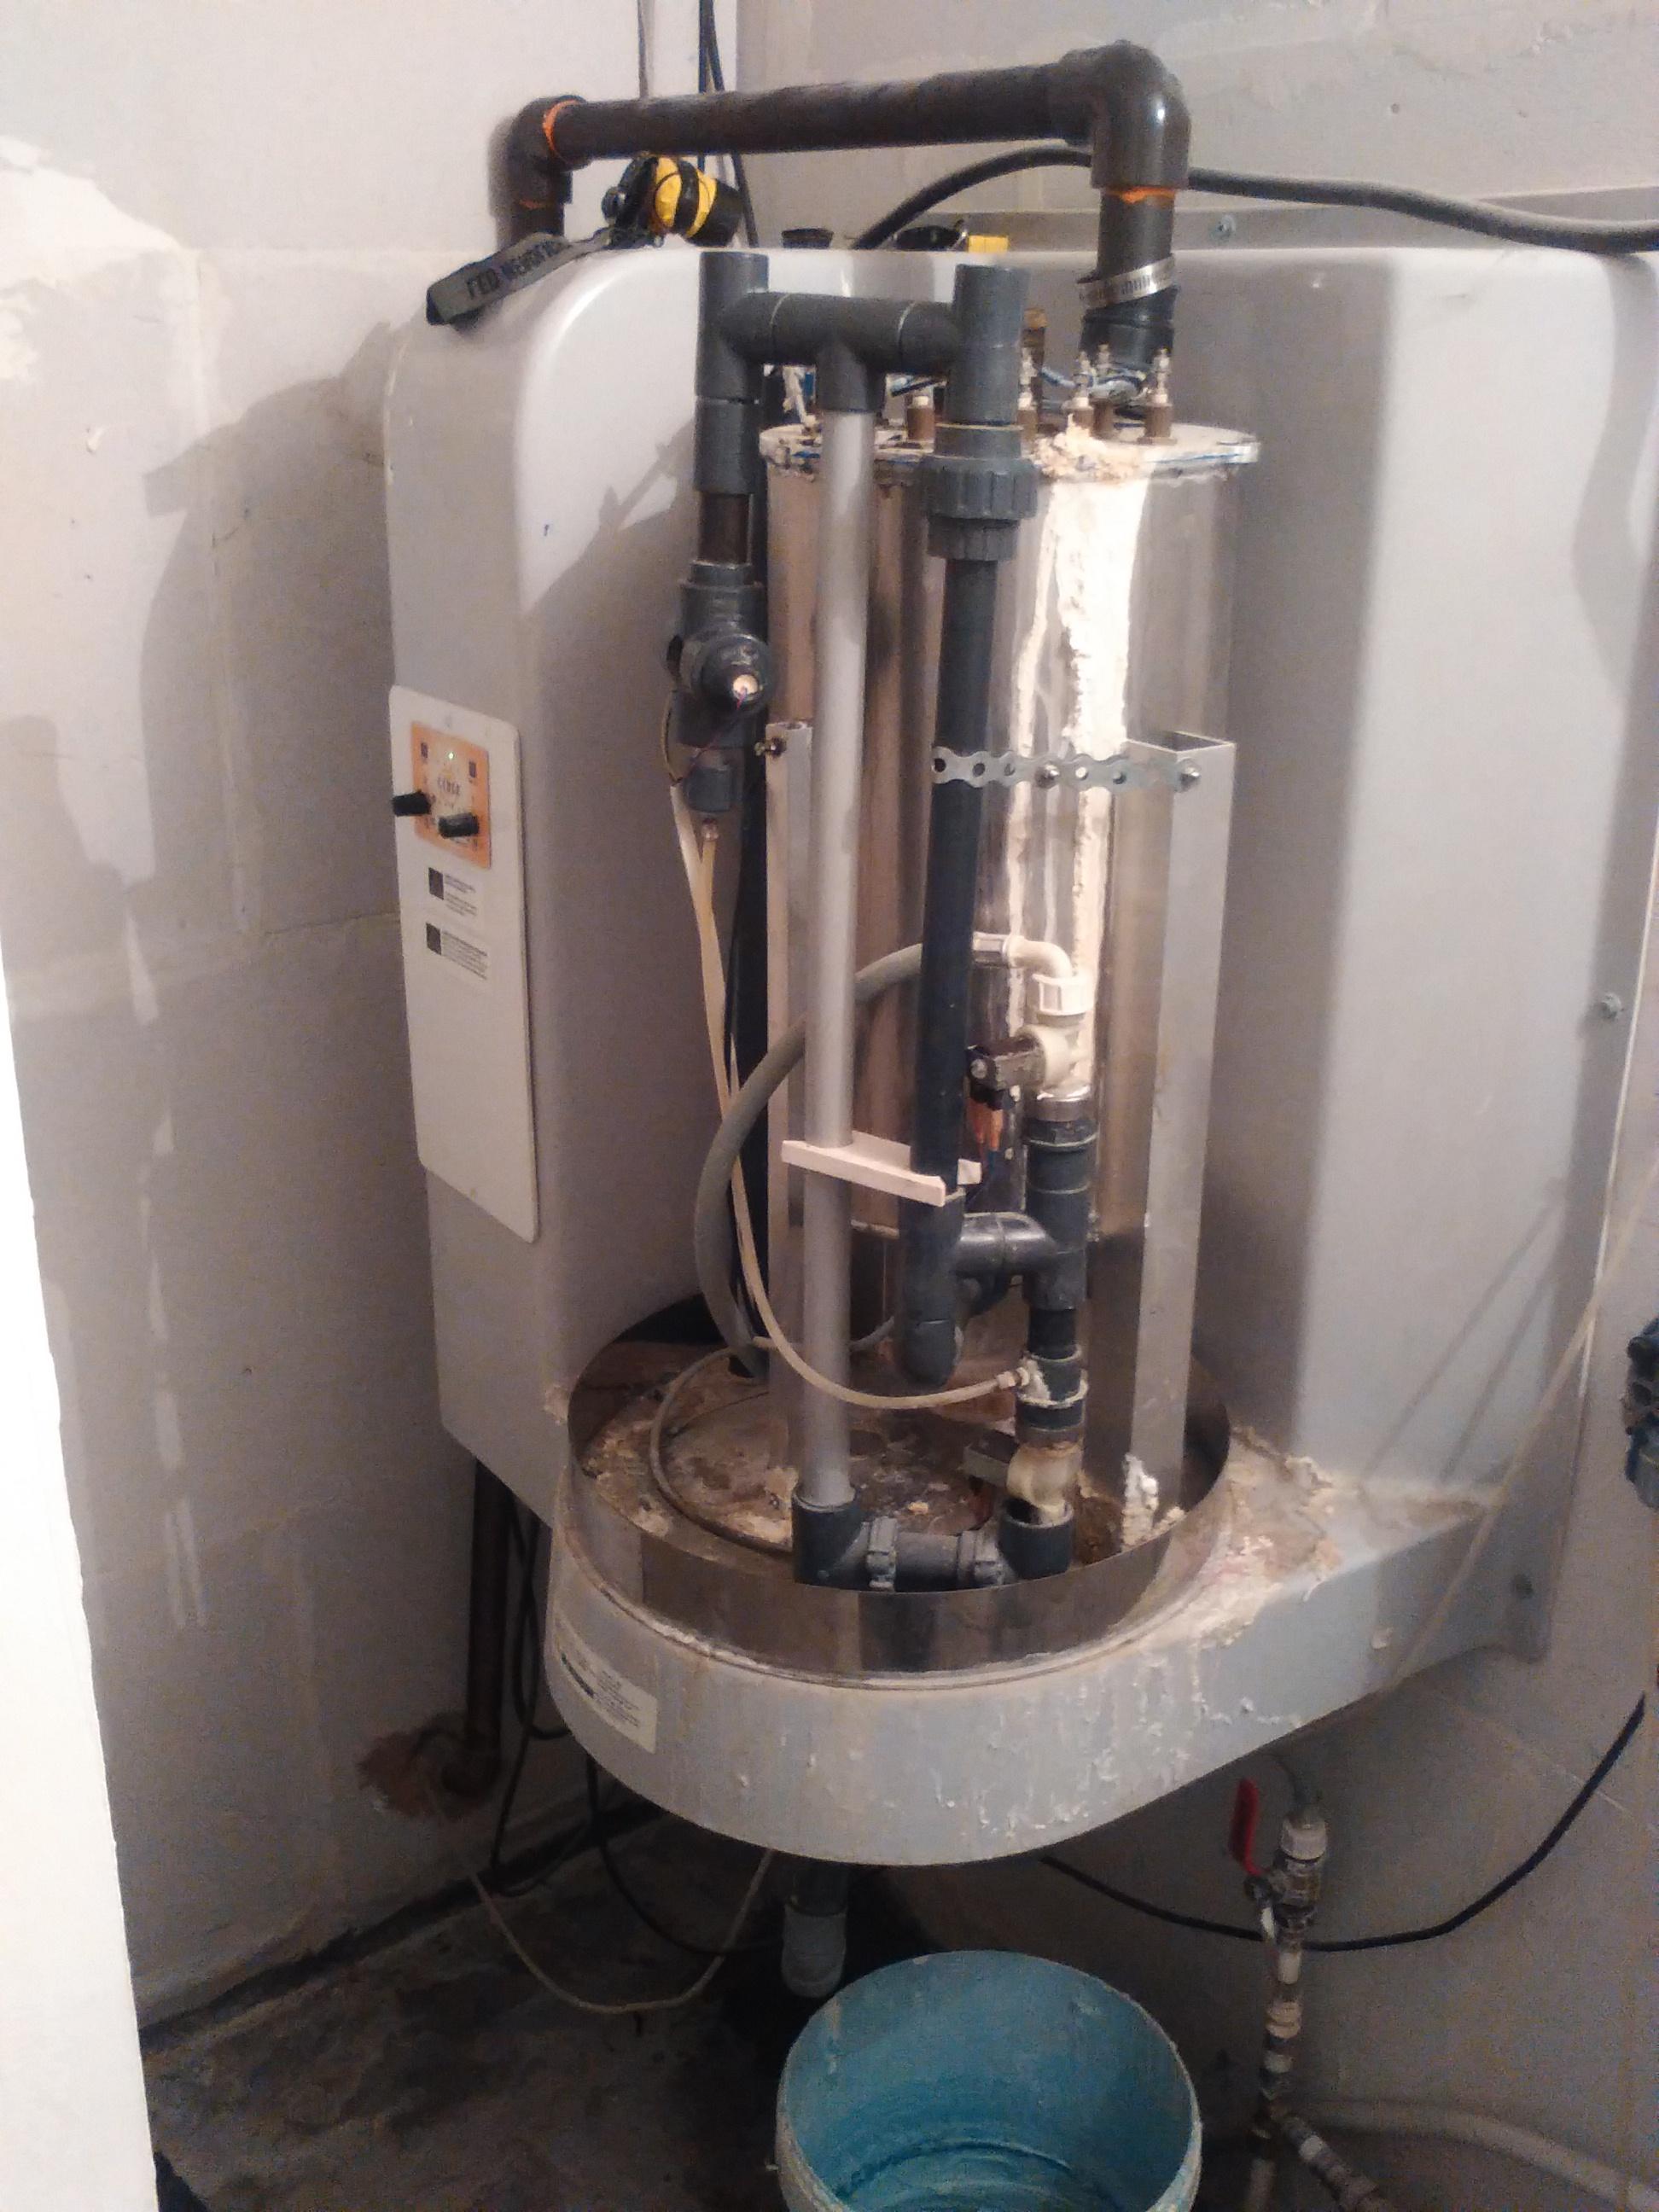 D tartrage g n rateur vapeur hammam assistance technique wellness - Generateur vapeur hammam ...